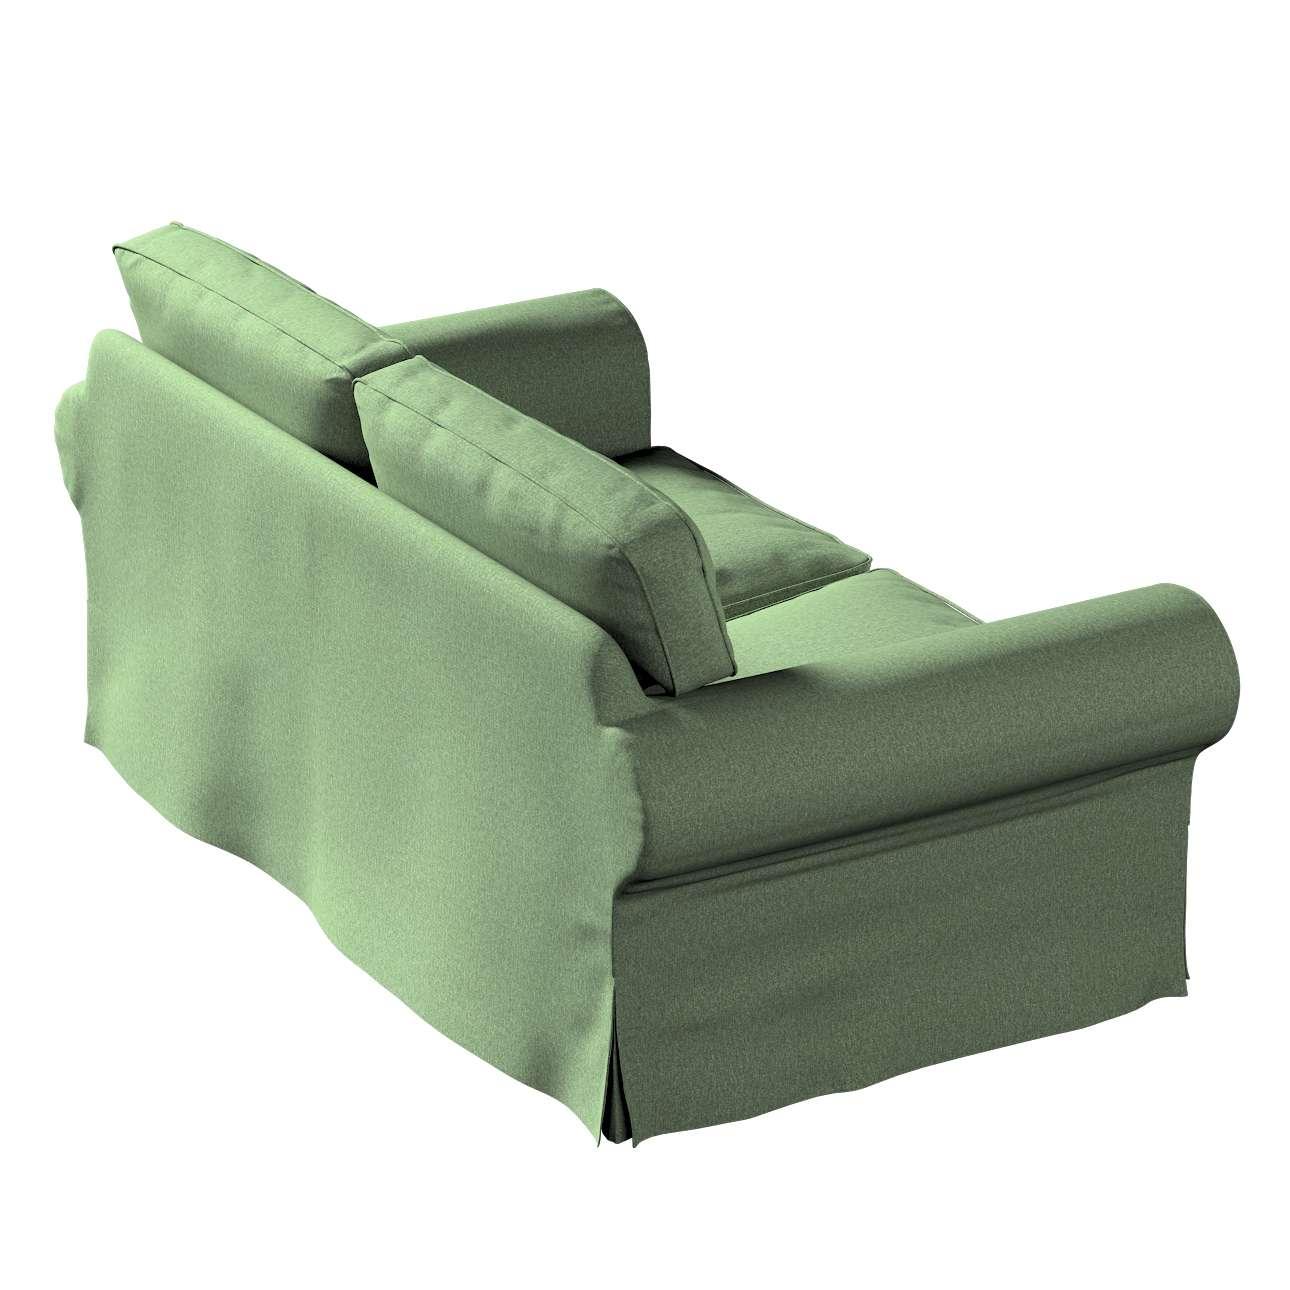 Pokrowiec na sofę Ektorp 2-osobową, nierozkładaną w kolekcji Amsterdam, tkanina: 704-44